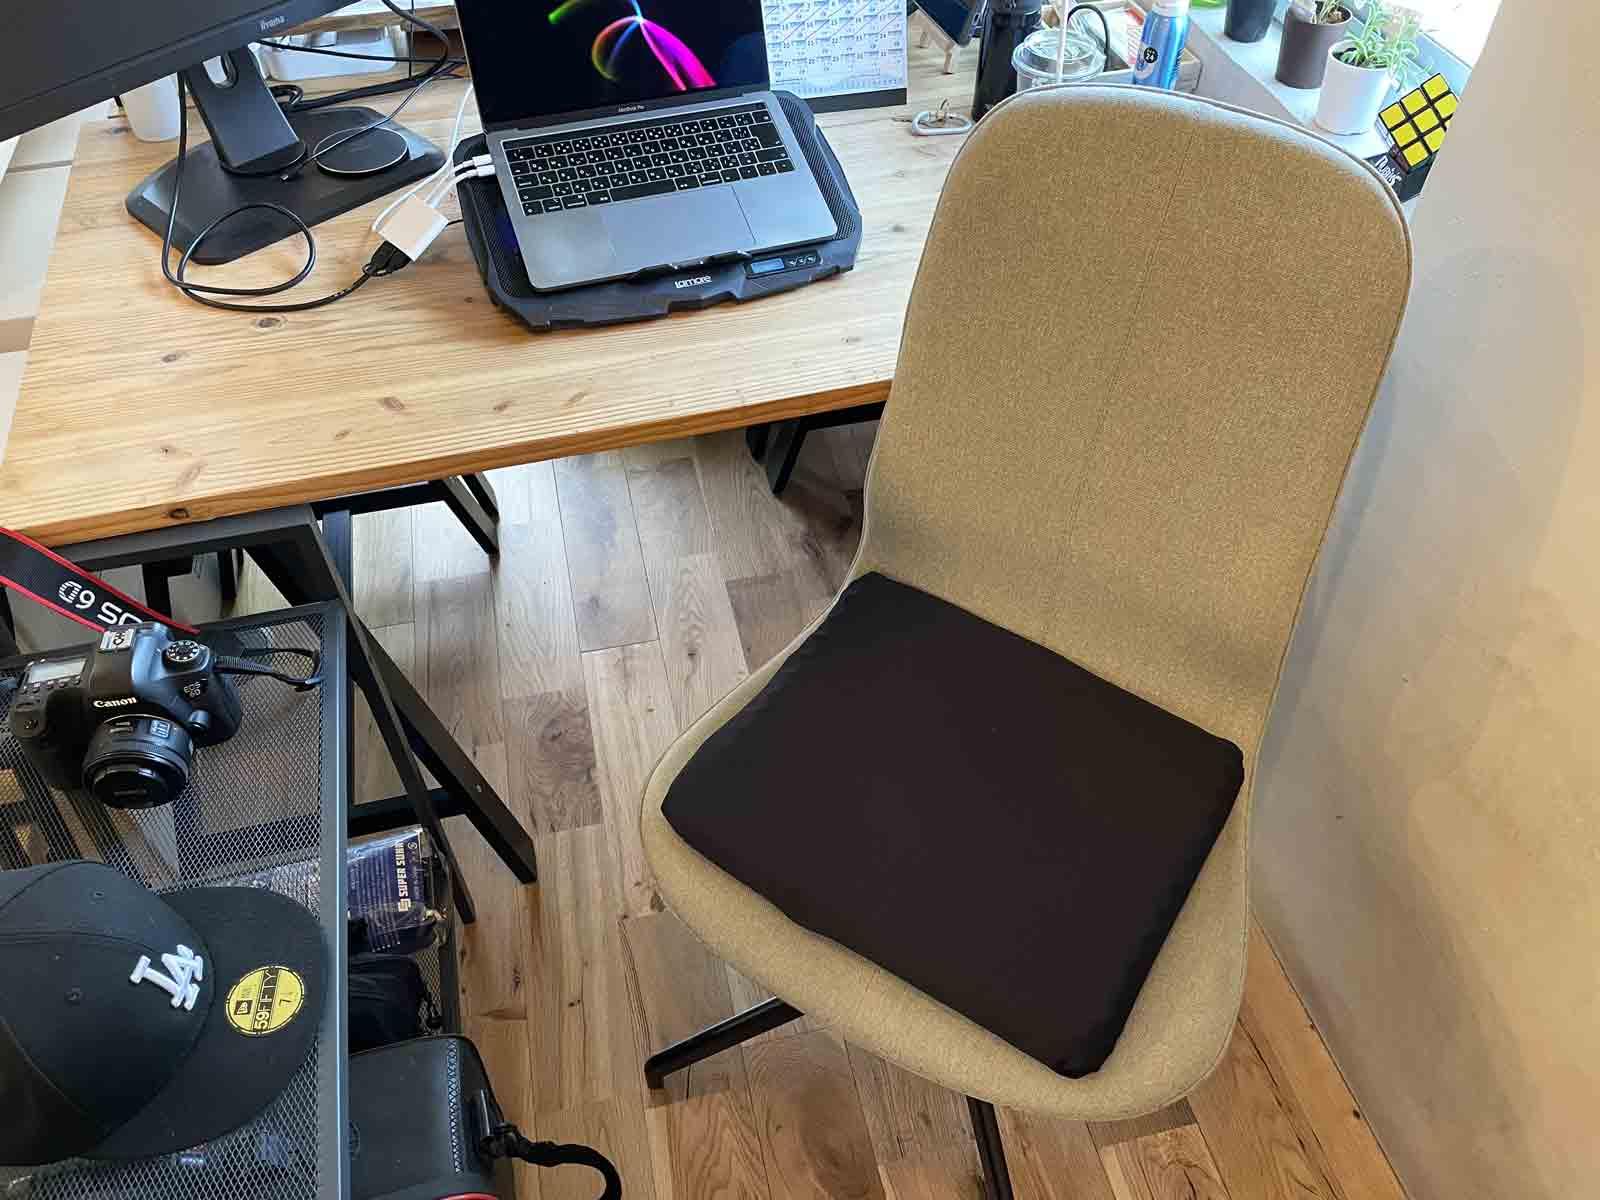 ドンキホーテのゲルクッションを実際に椅子にセットした様子